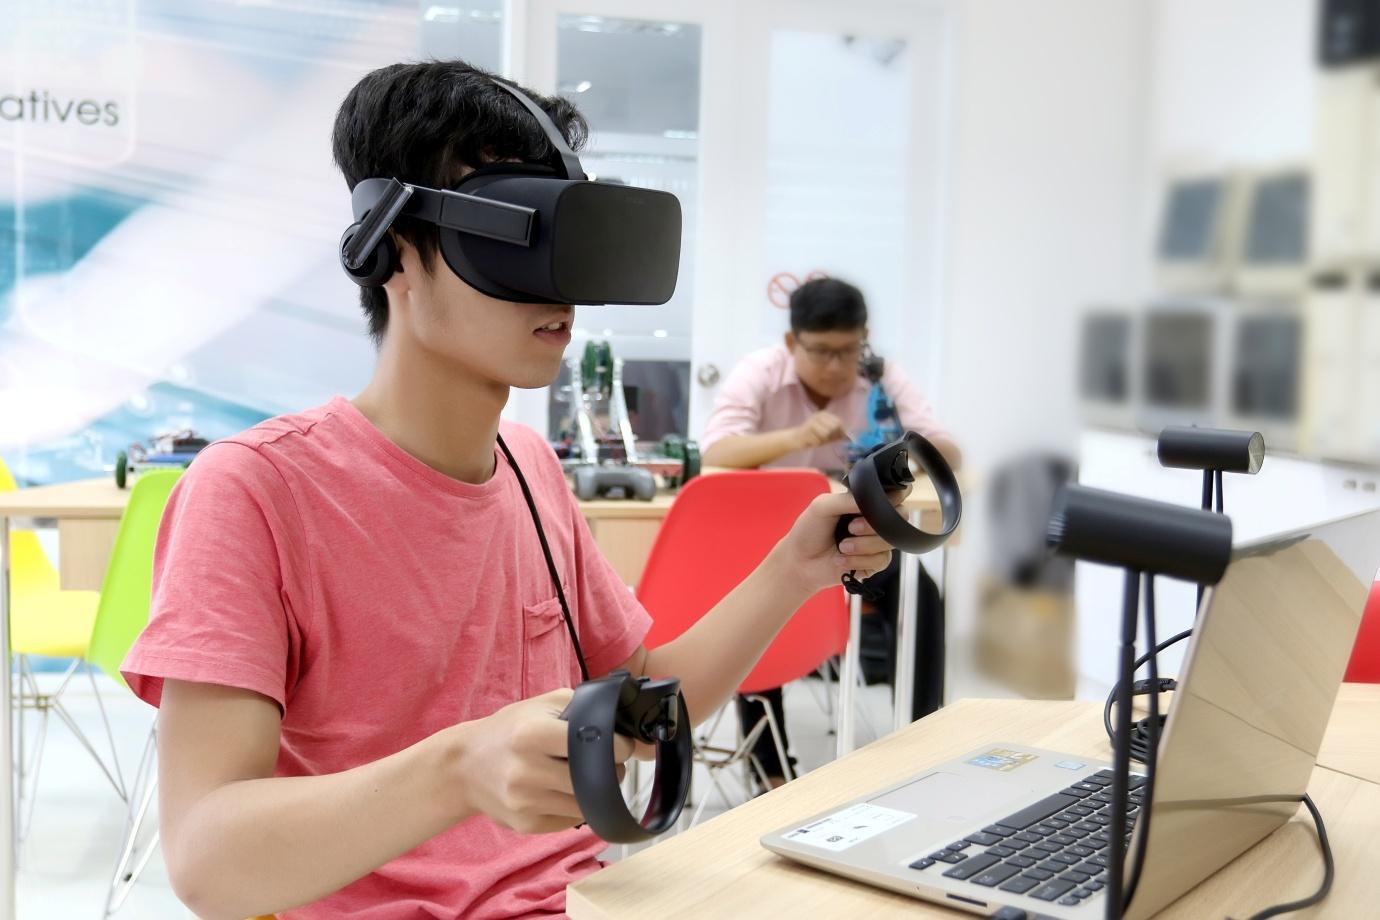 Đại học Quốc tế Sài Gòn (SIU) công bố xét tuyển bổ sung năm 2018 - Ảnh 3.